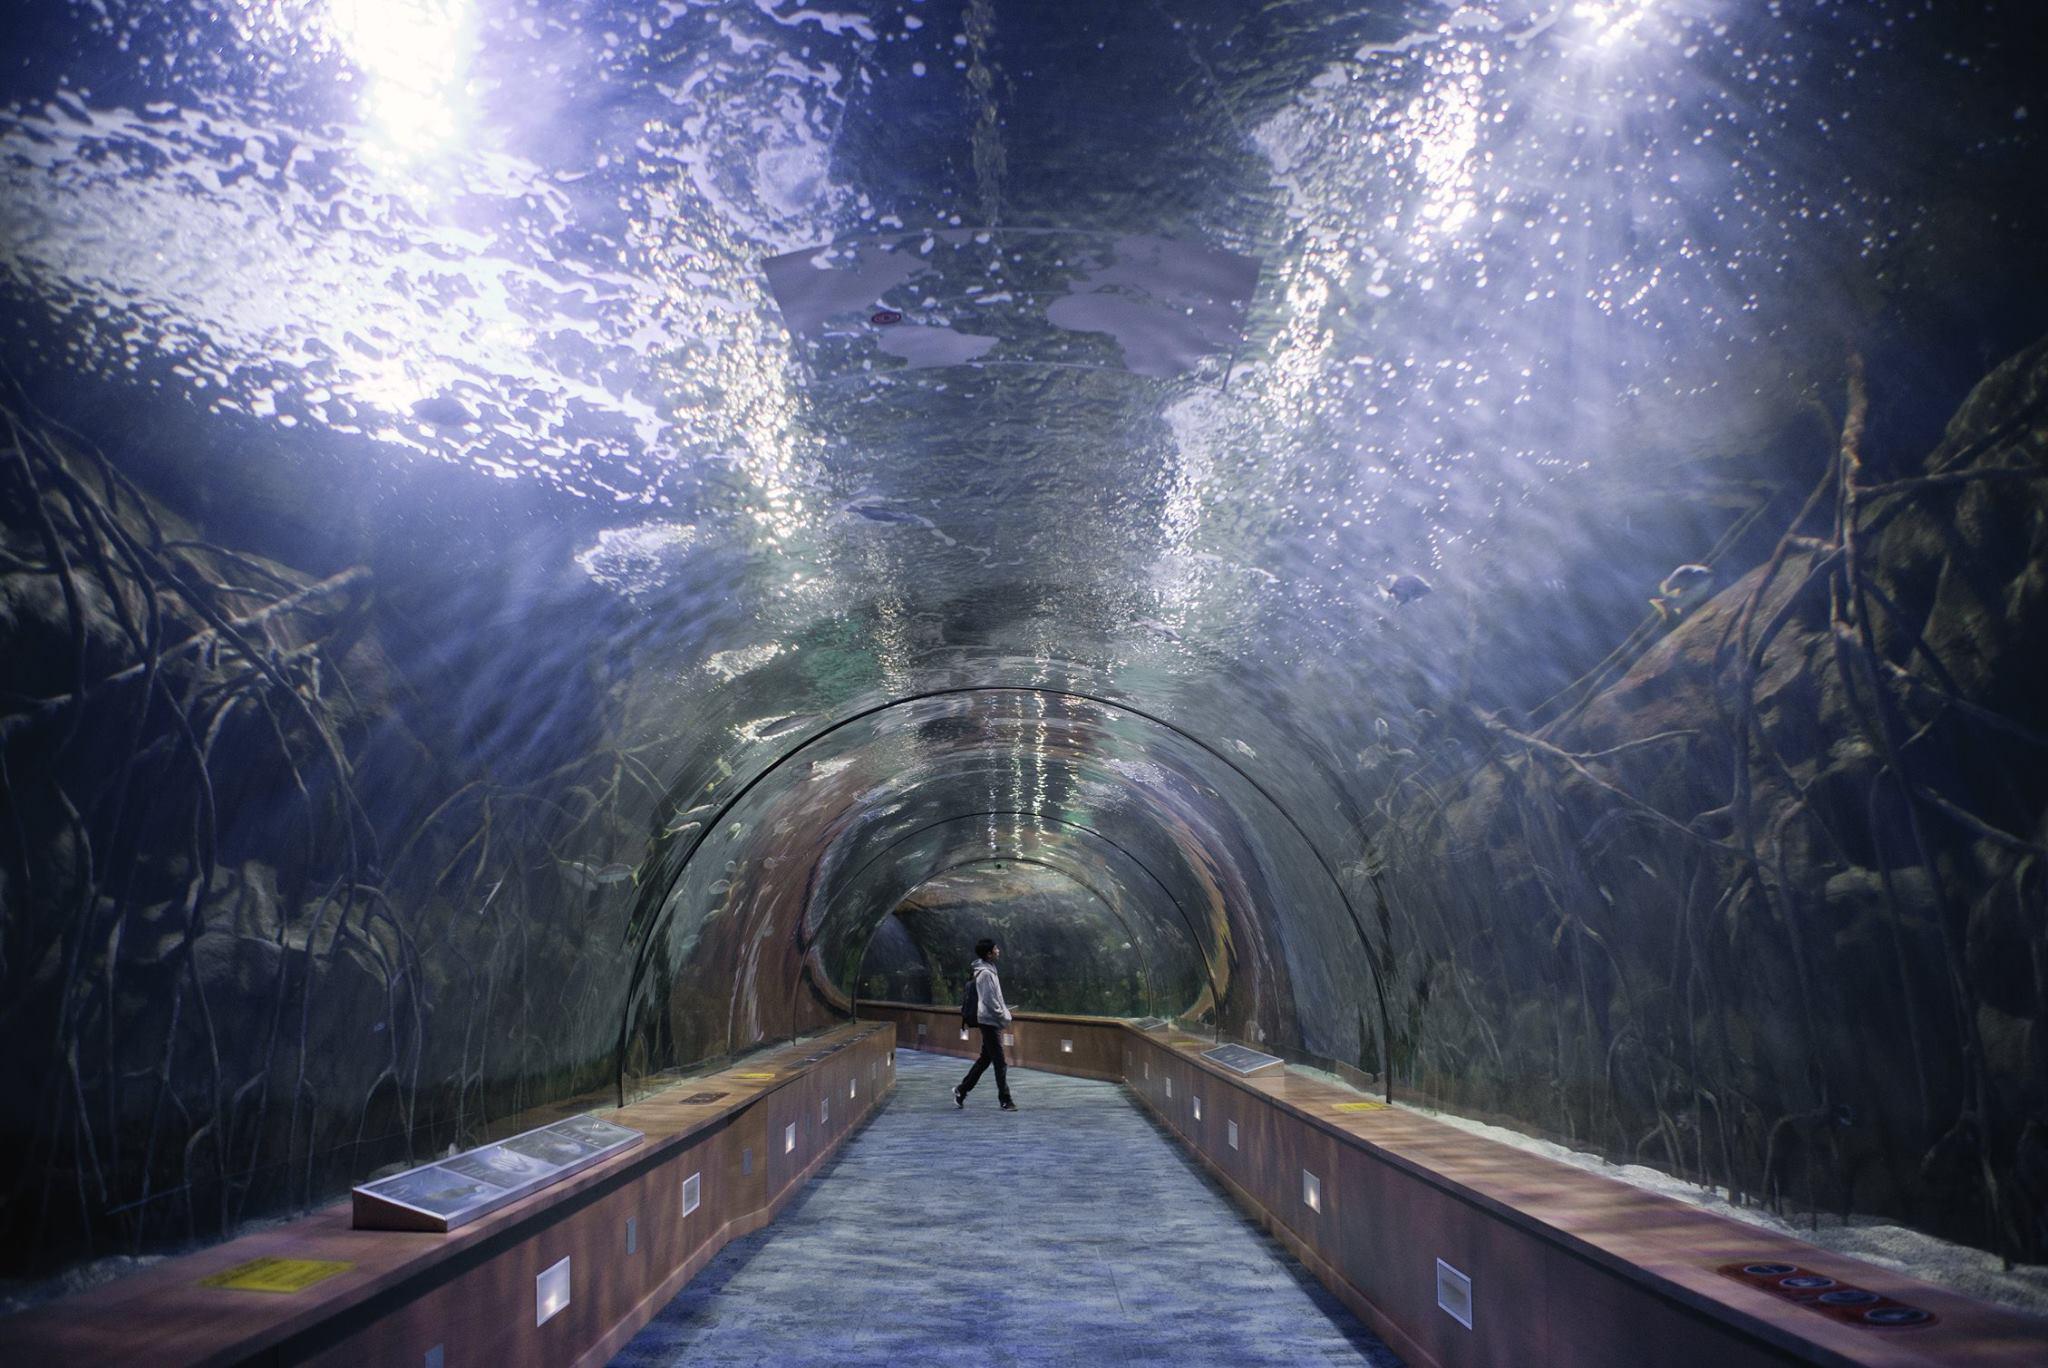 tunel-submarino-oceanografic